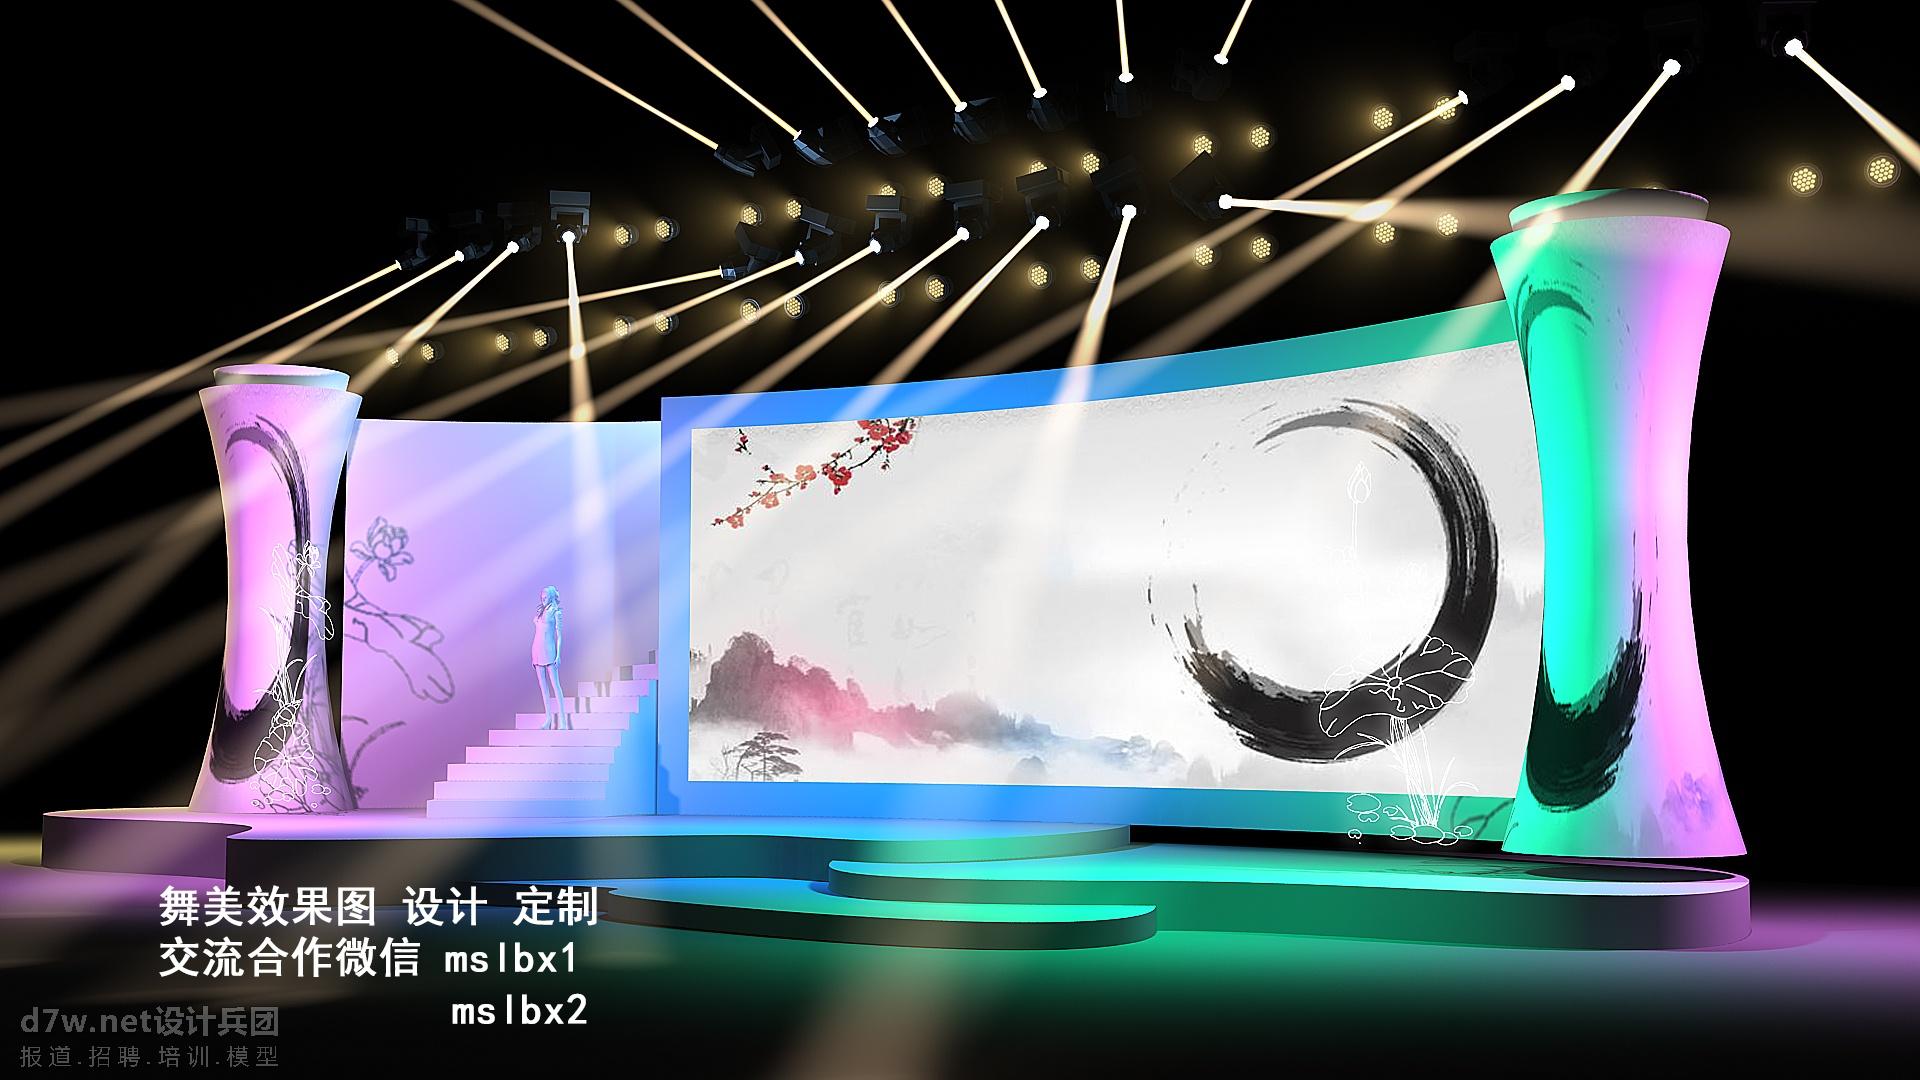 2020中式年会 2020中式舞美 中式古典舞美 中式古典舞台 中式舞台设计 中式舞美设计 麦田舞美设计 中式颁奖 ...